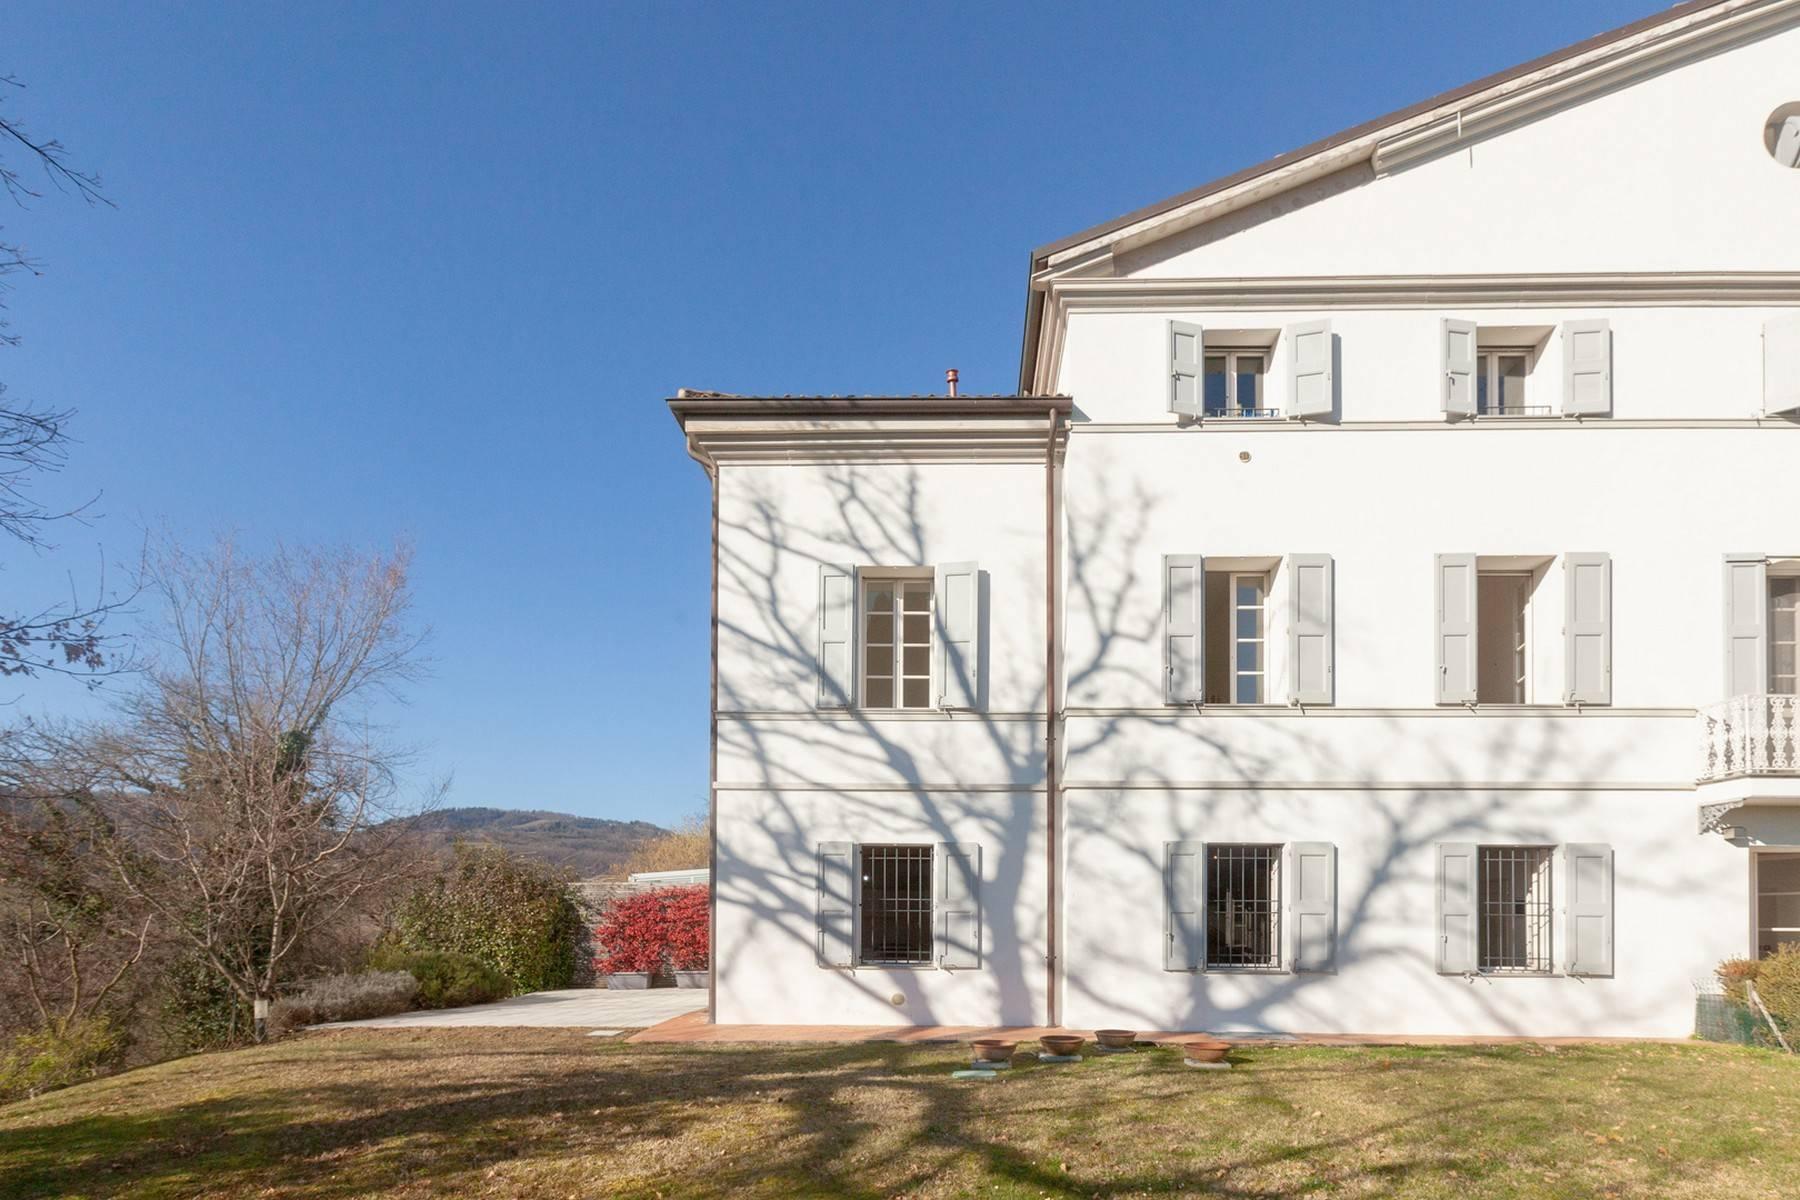 位于16世纪别墅里的迷人公寓 - 18